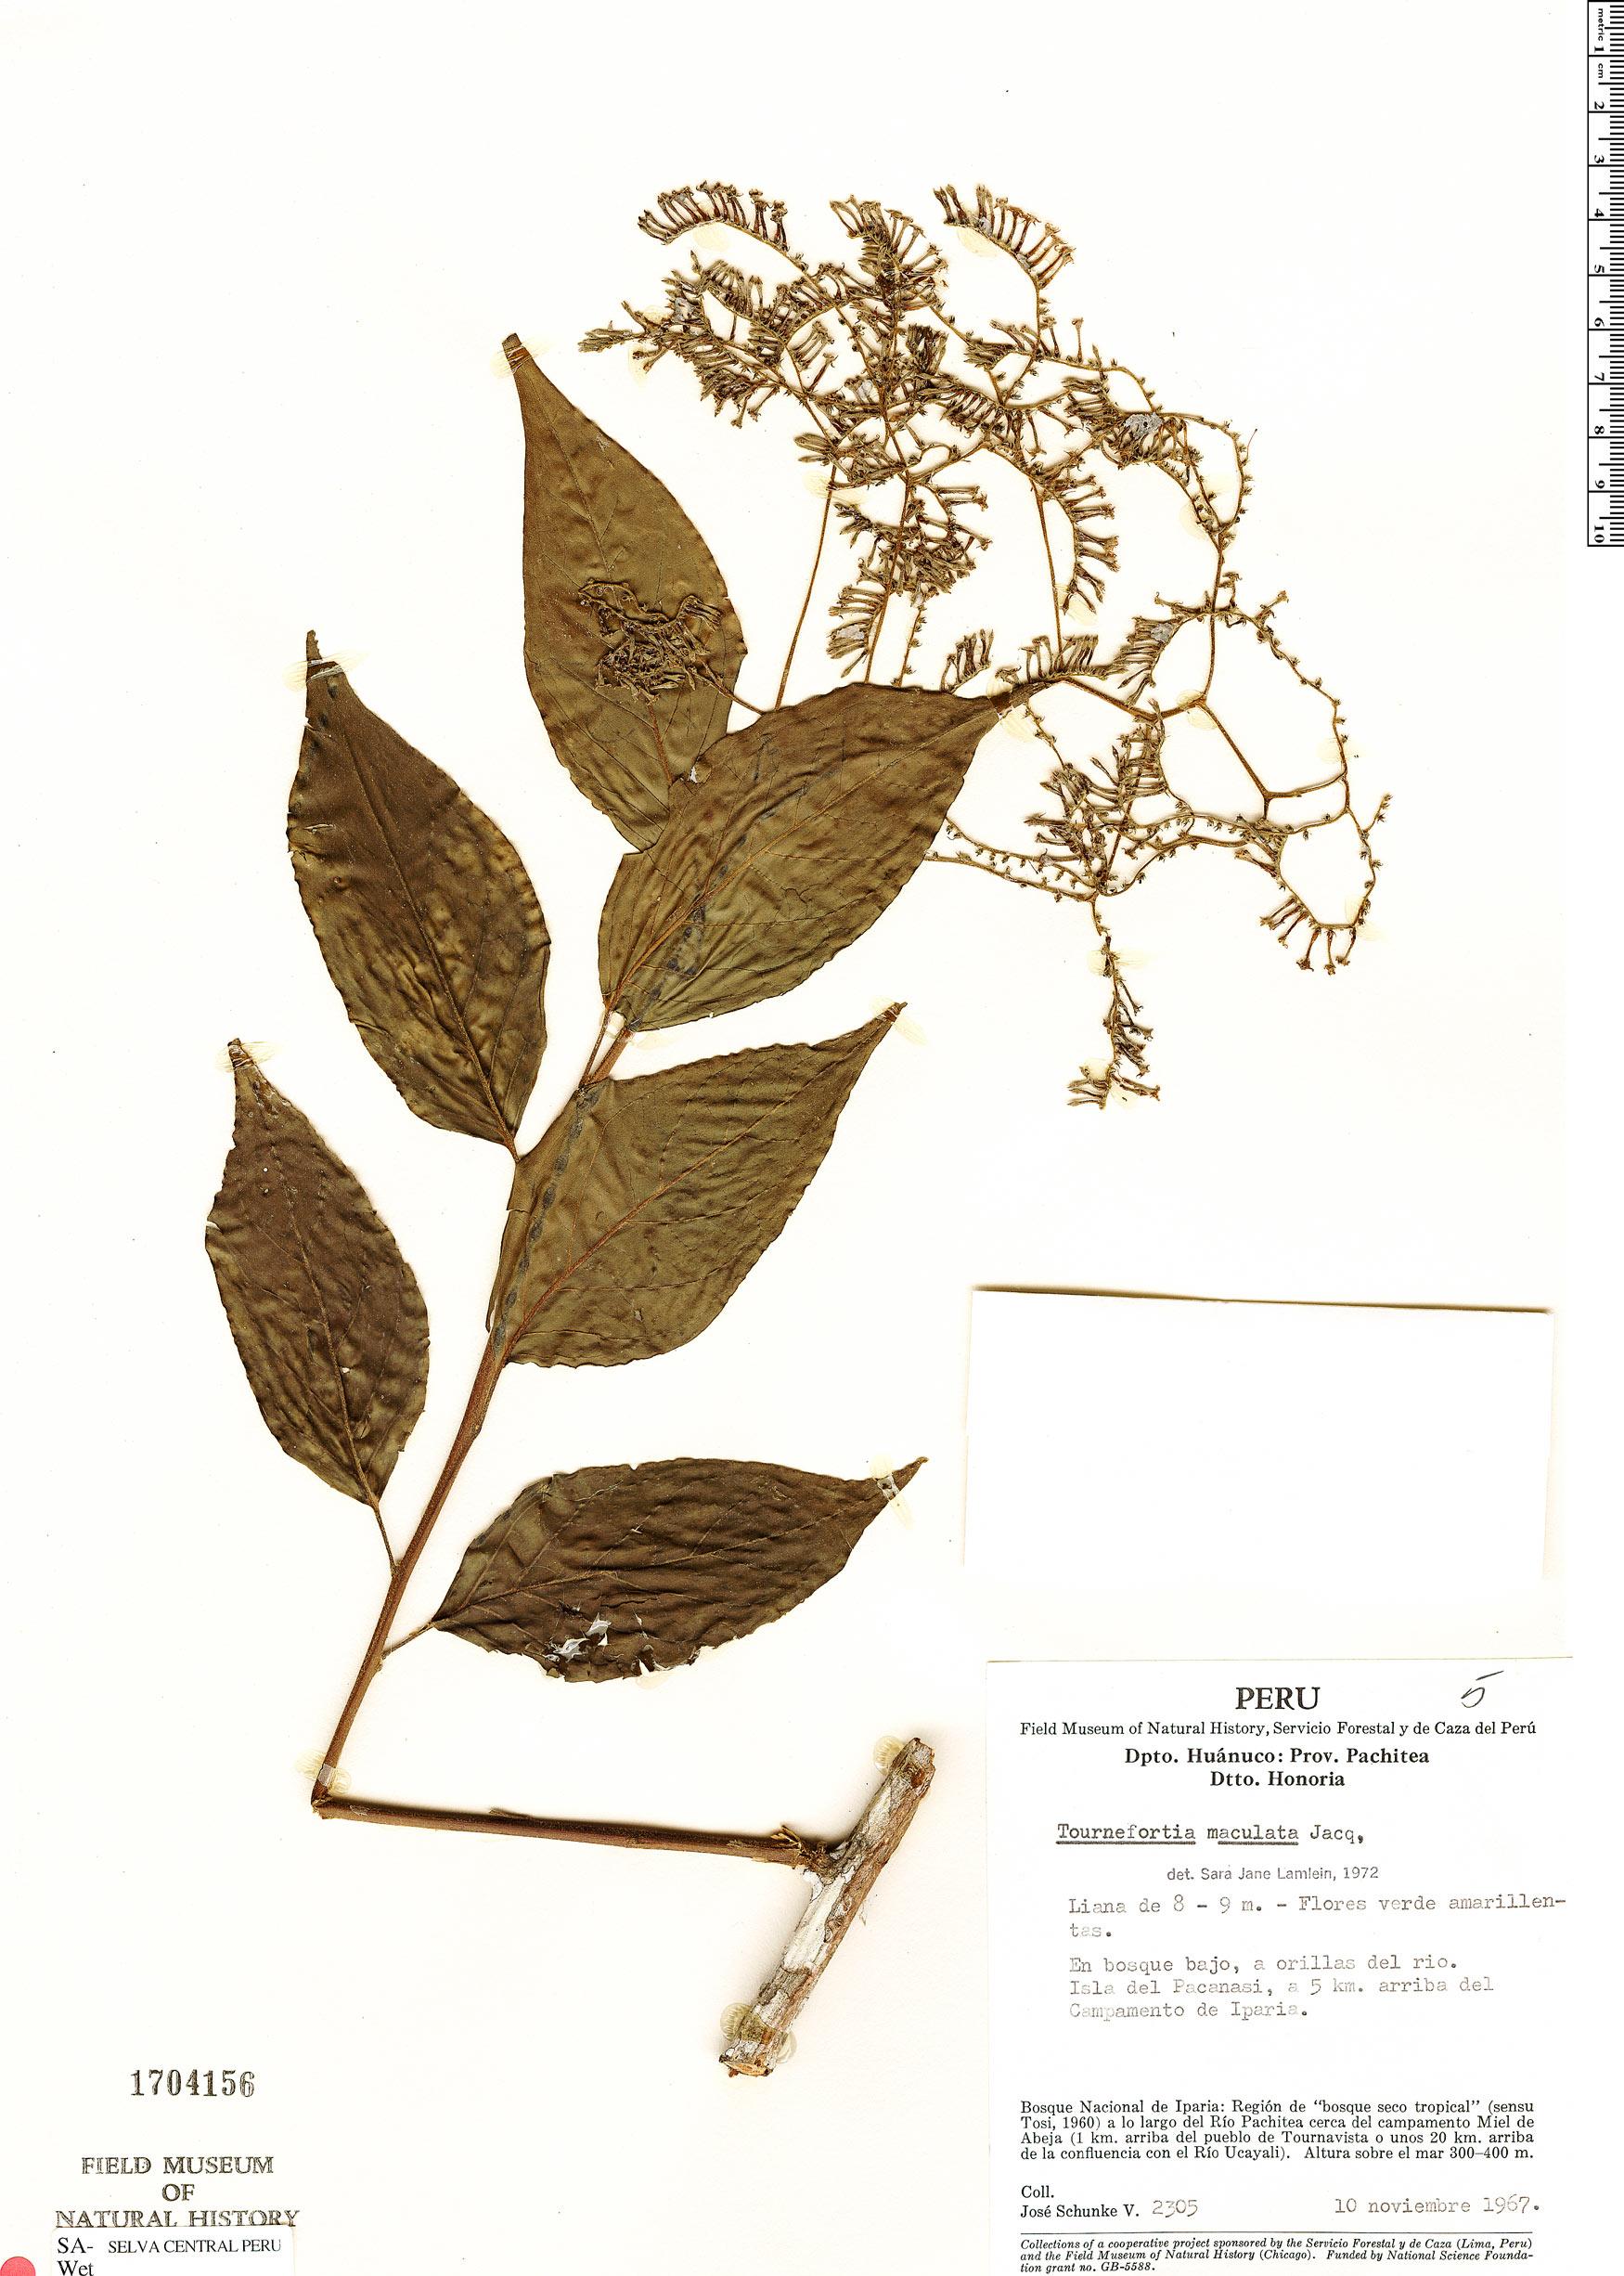 Espécimen: Tournefortia maculata